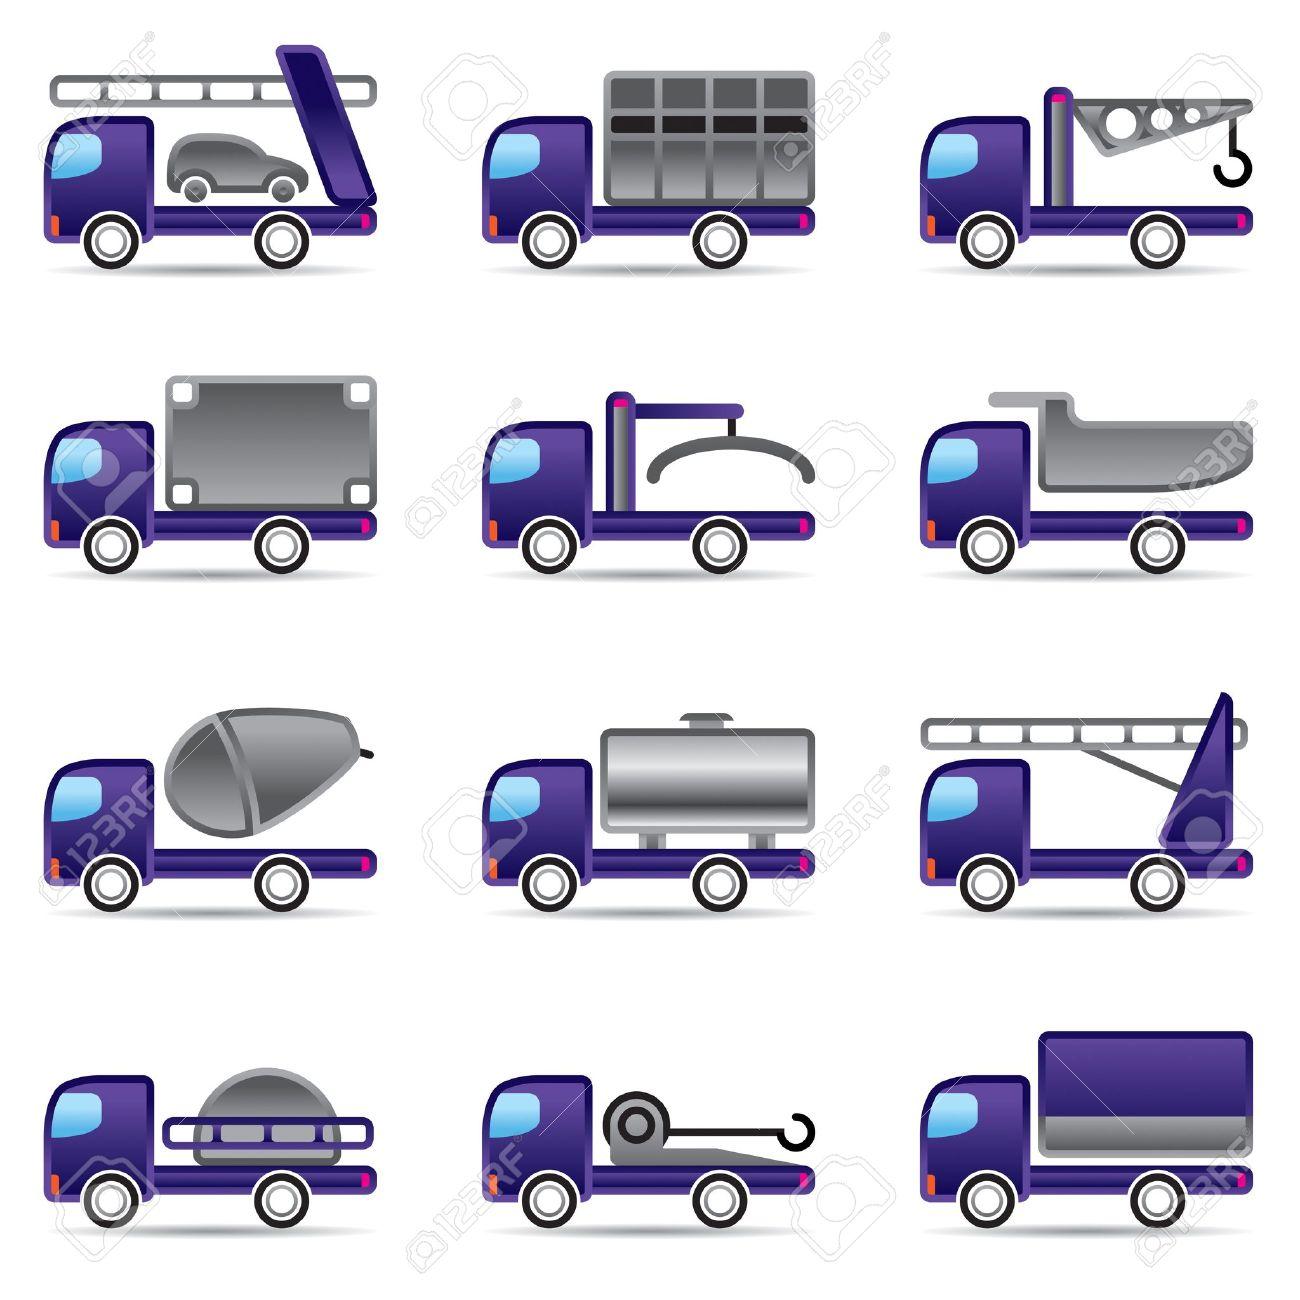 Tipos de camiones de carga y sus caracteristicas